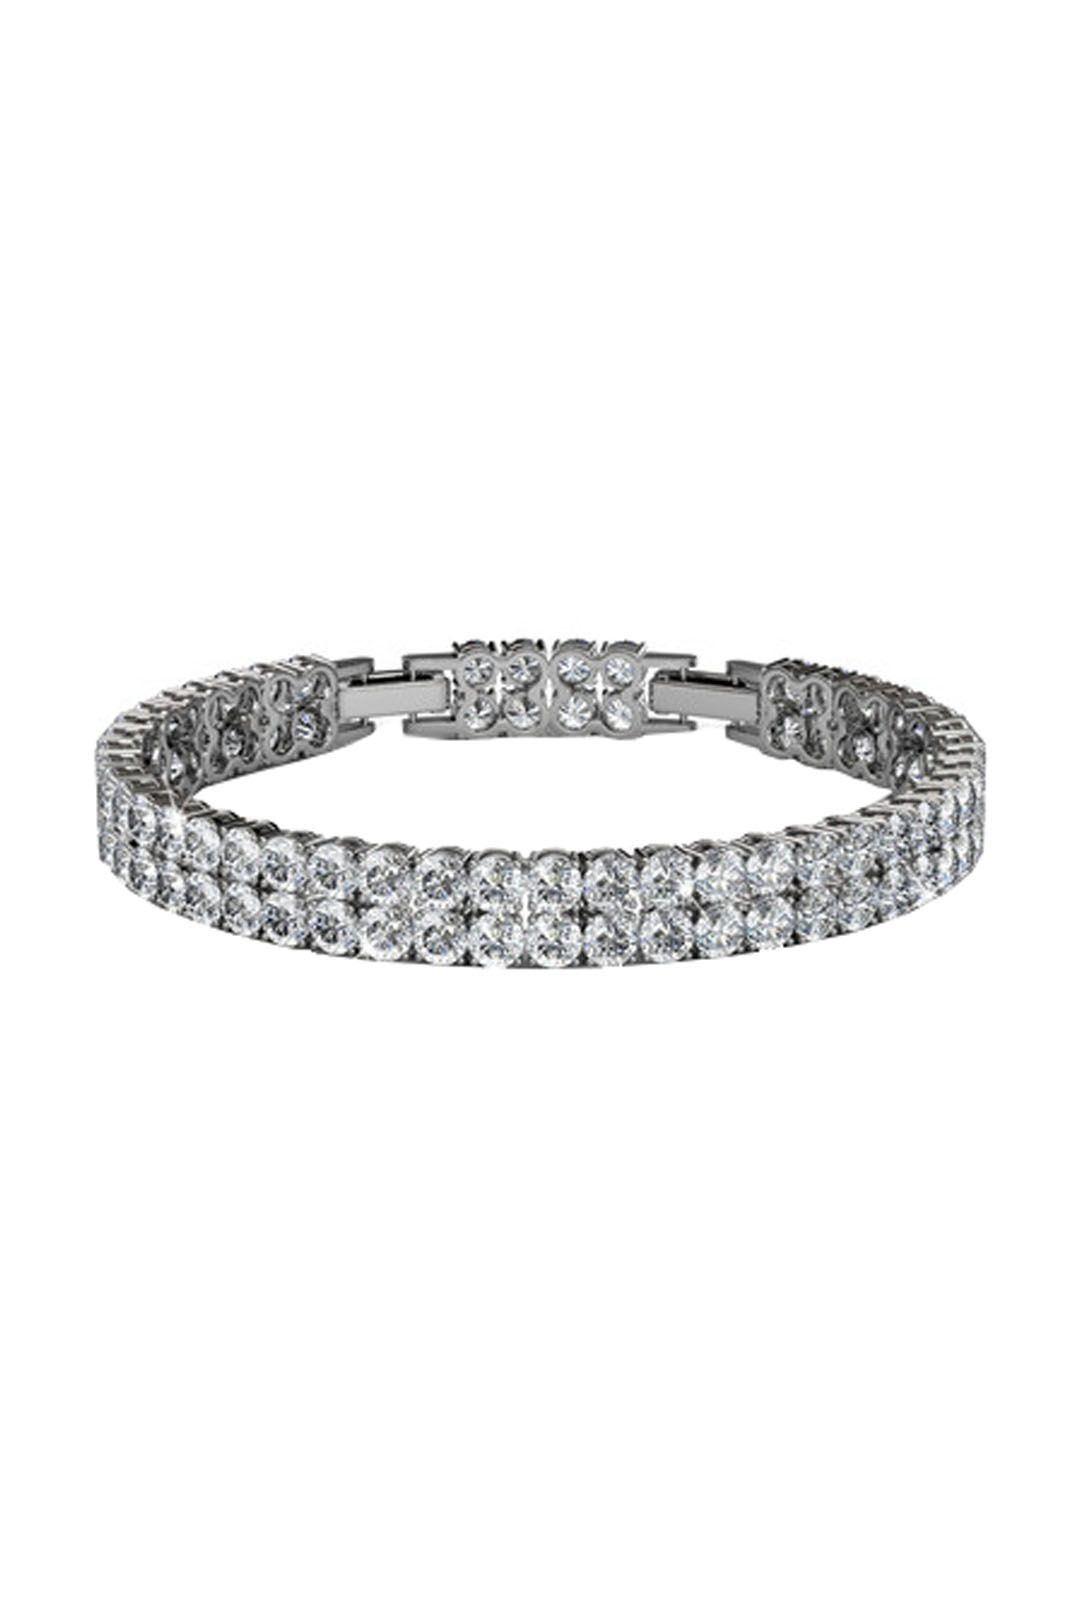 Krystal Couture - Jubilee Bracelet - Silver - Front